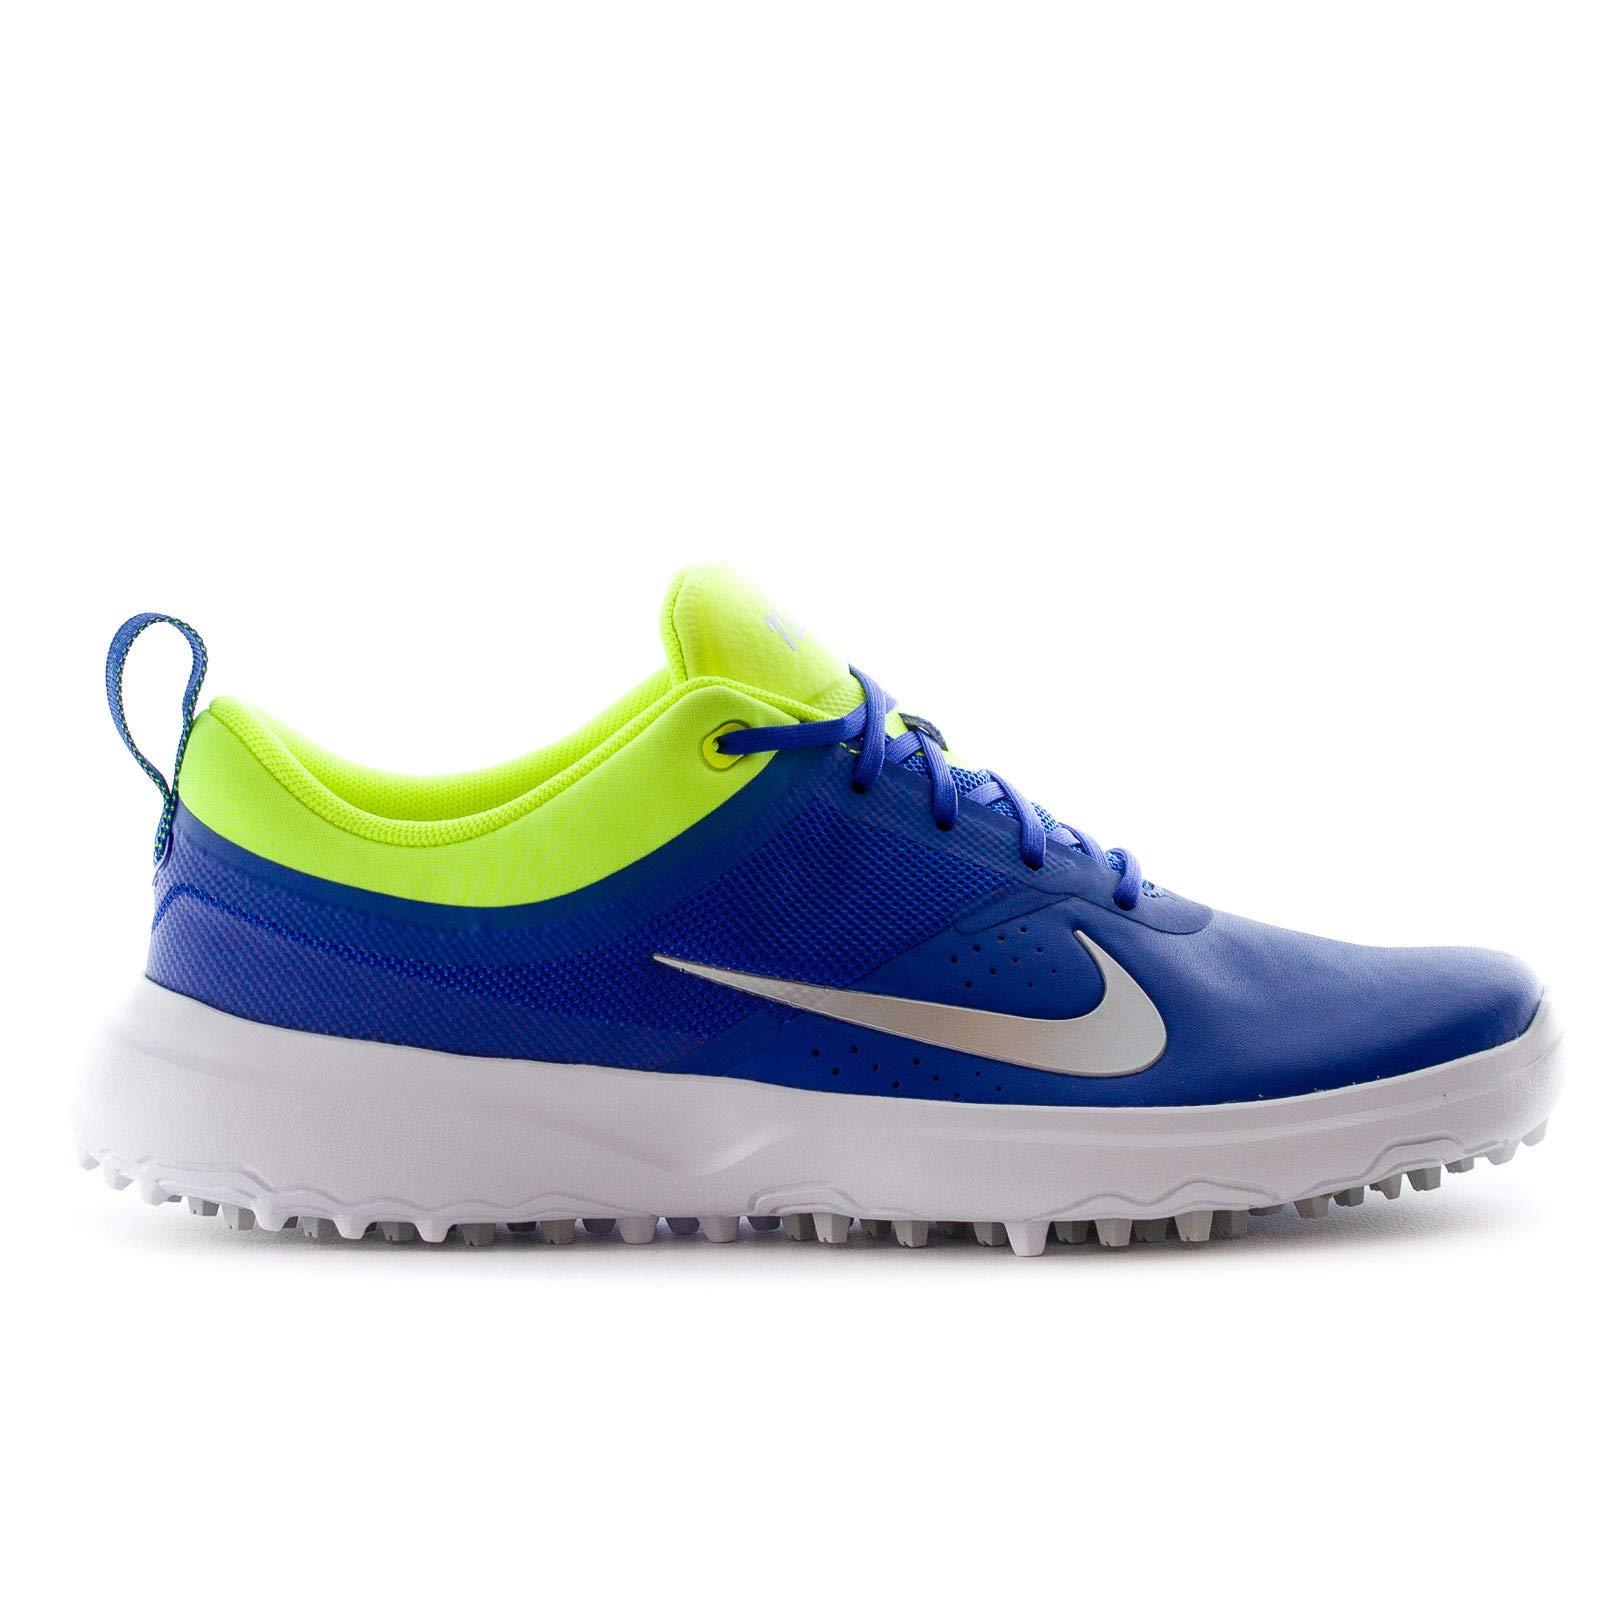 Nike AKAMAI Spikeless Golf Shoes 2017 Women Paramount Blue/Metallic Silver/Volt Medium 8